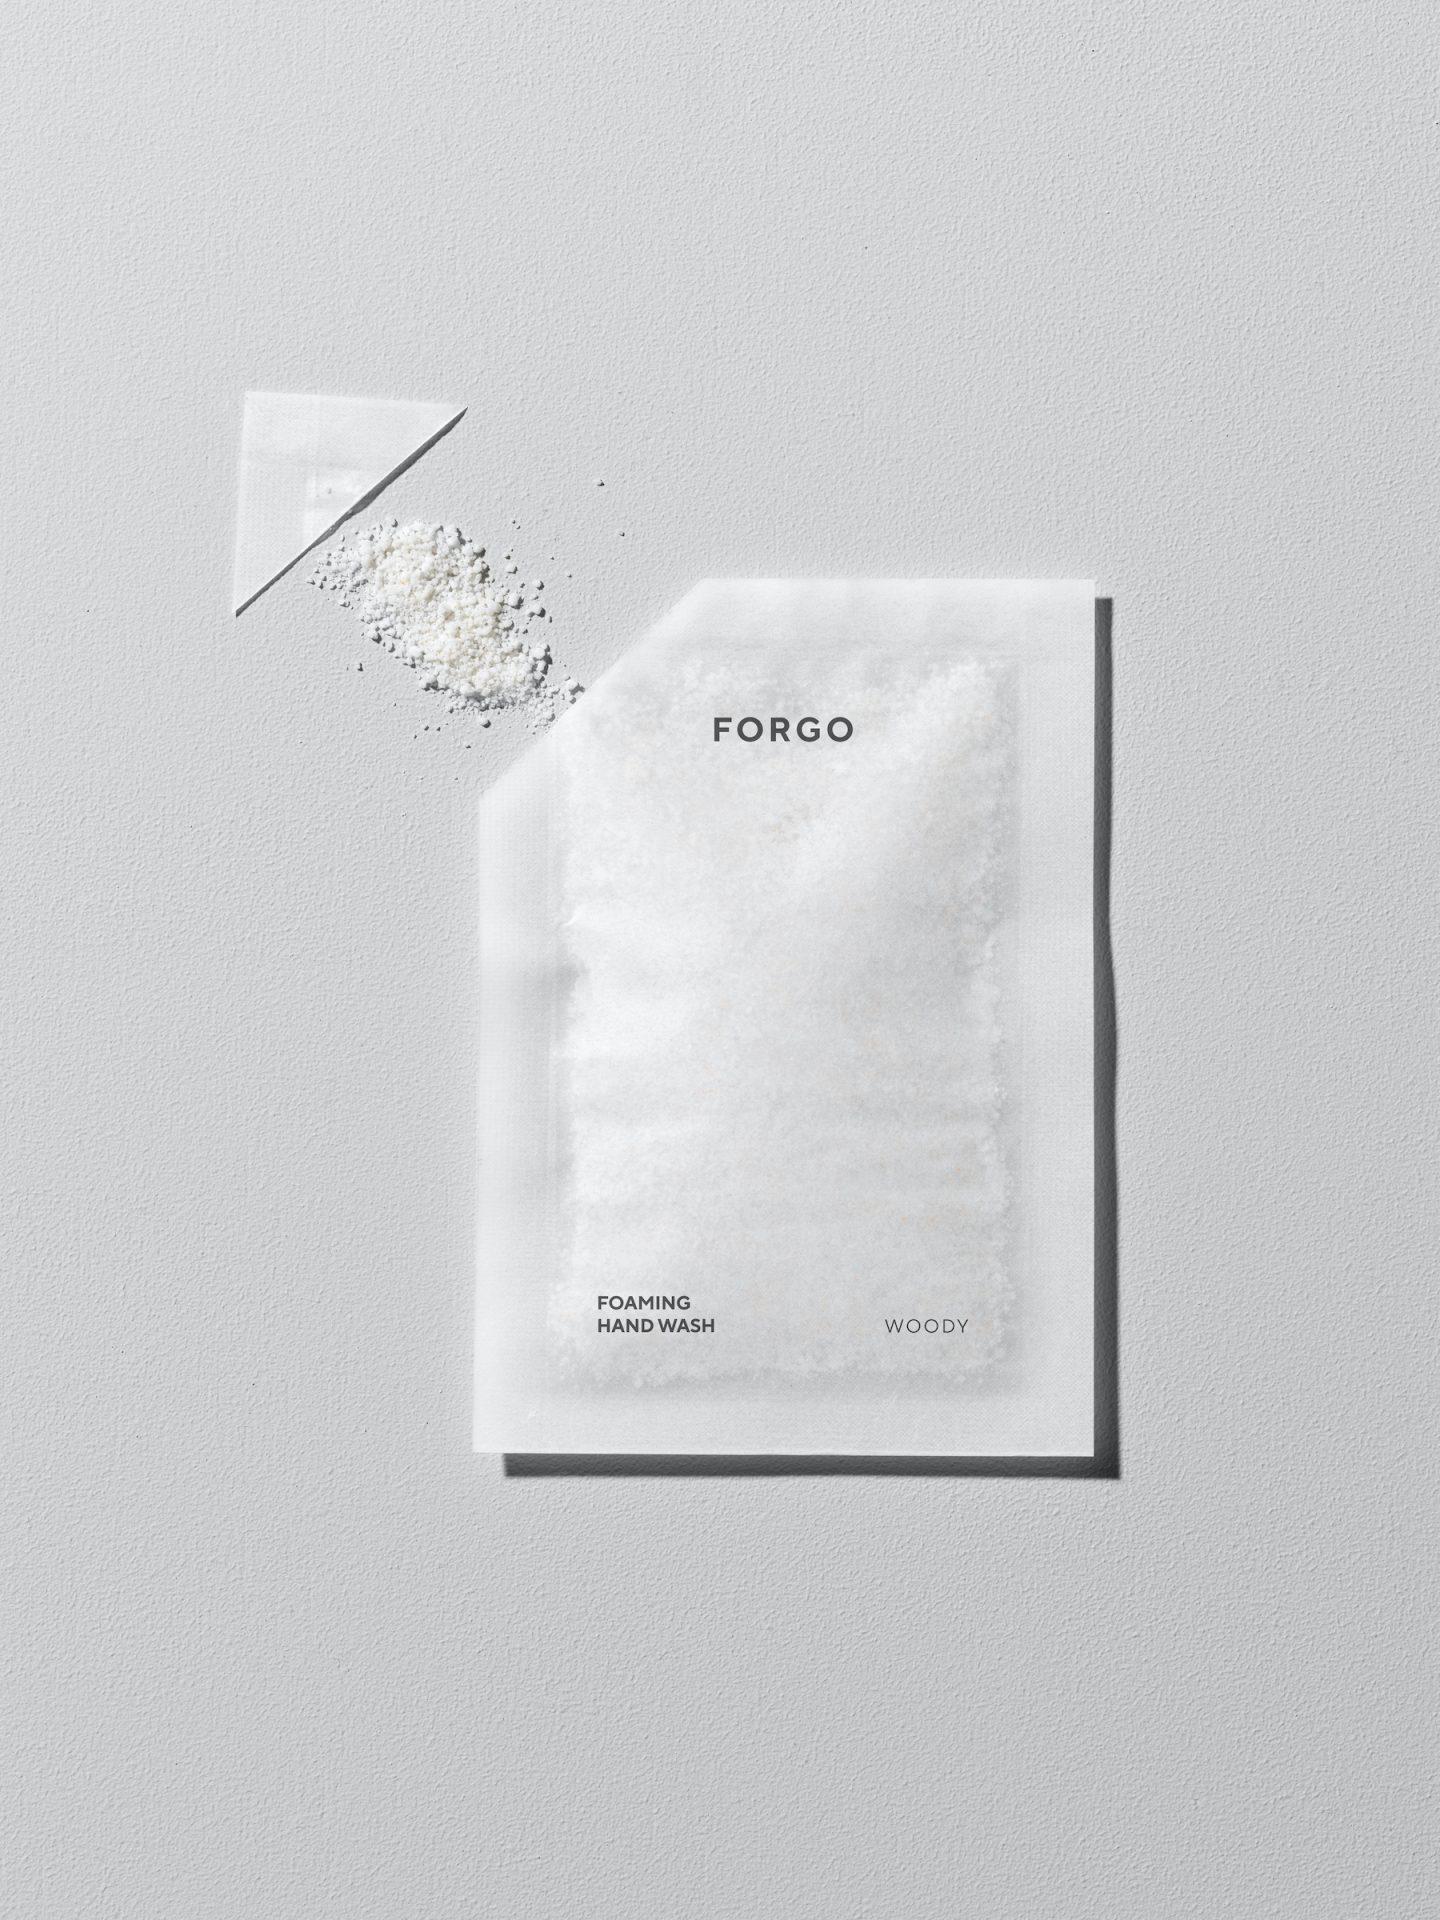 IGNANT-Design-Forgo-08